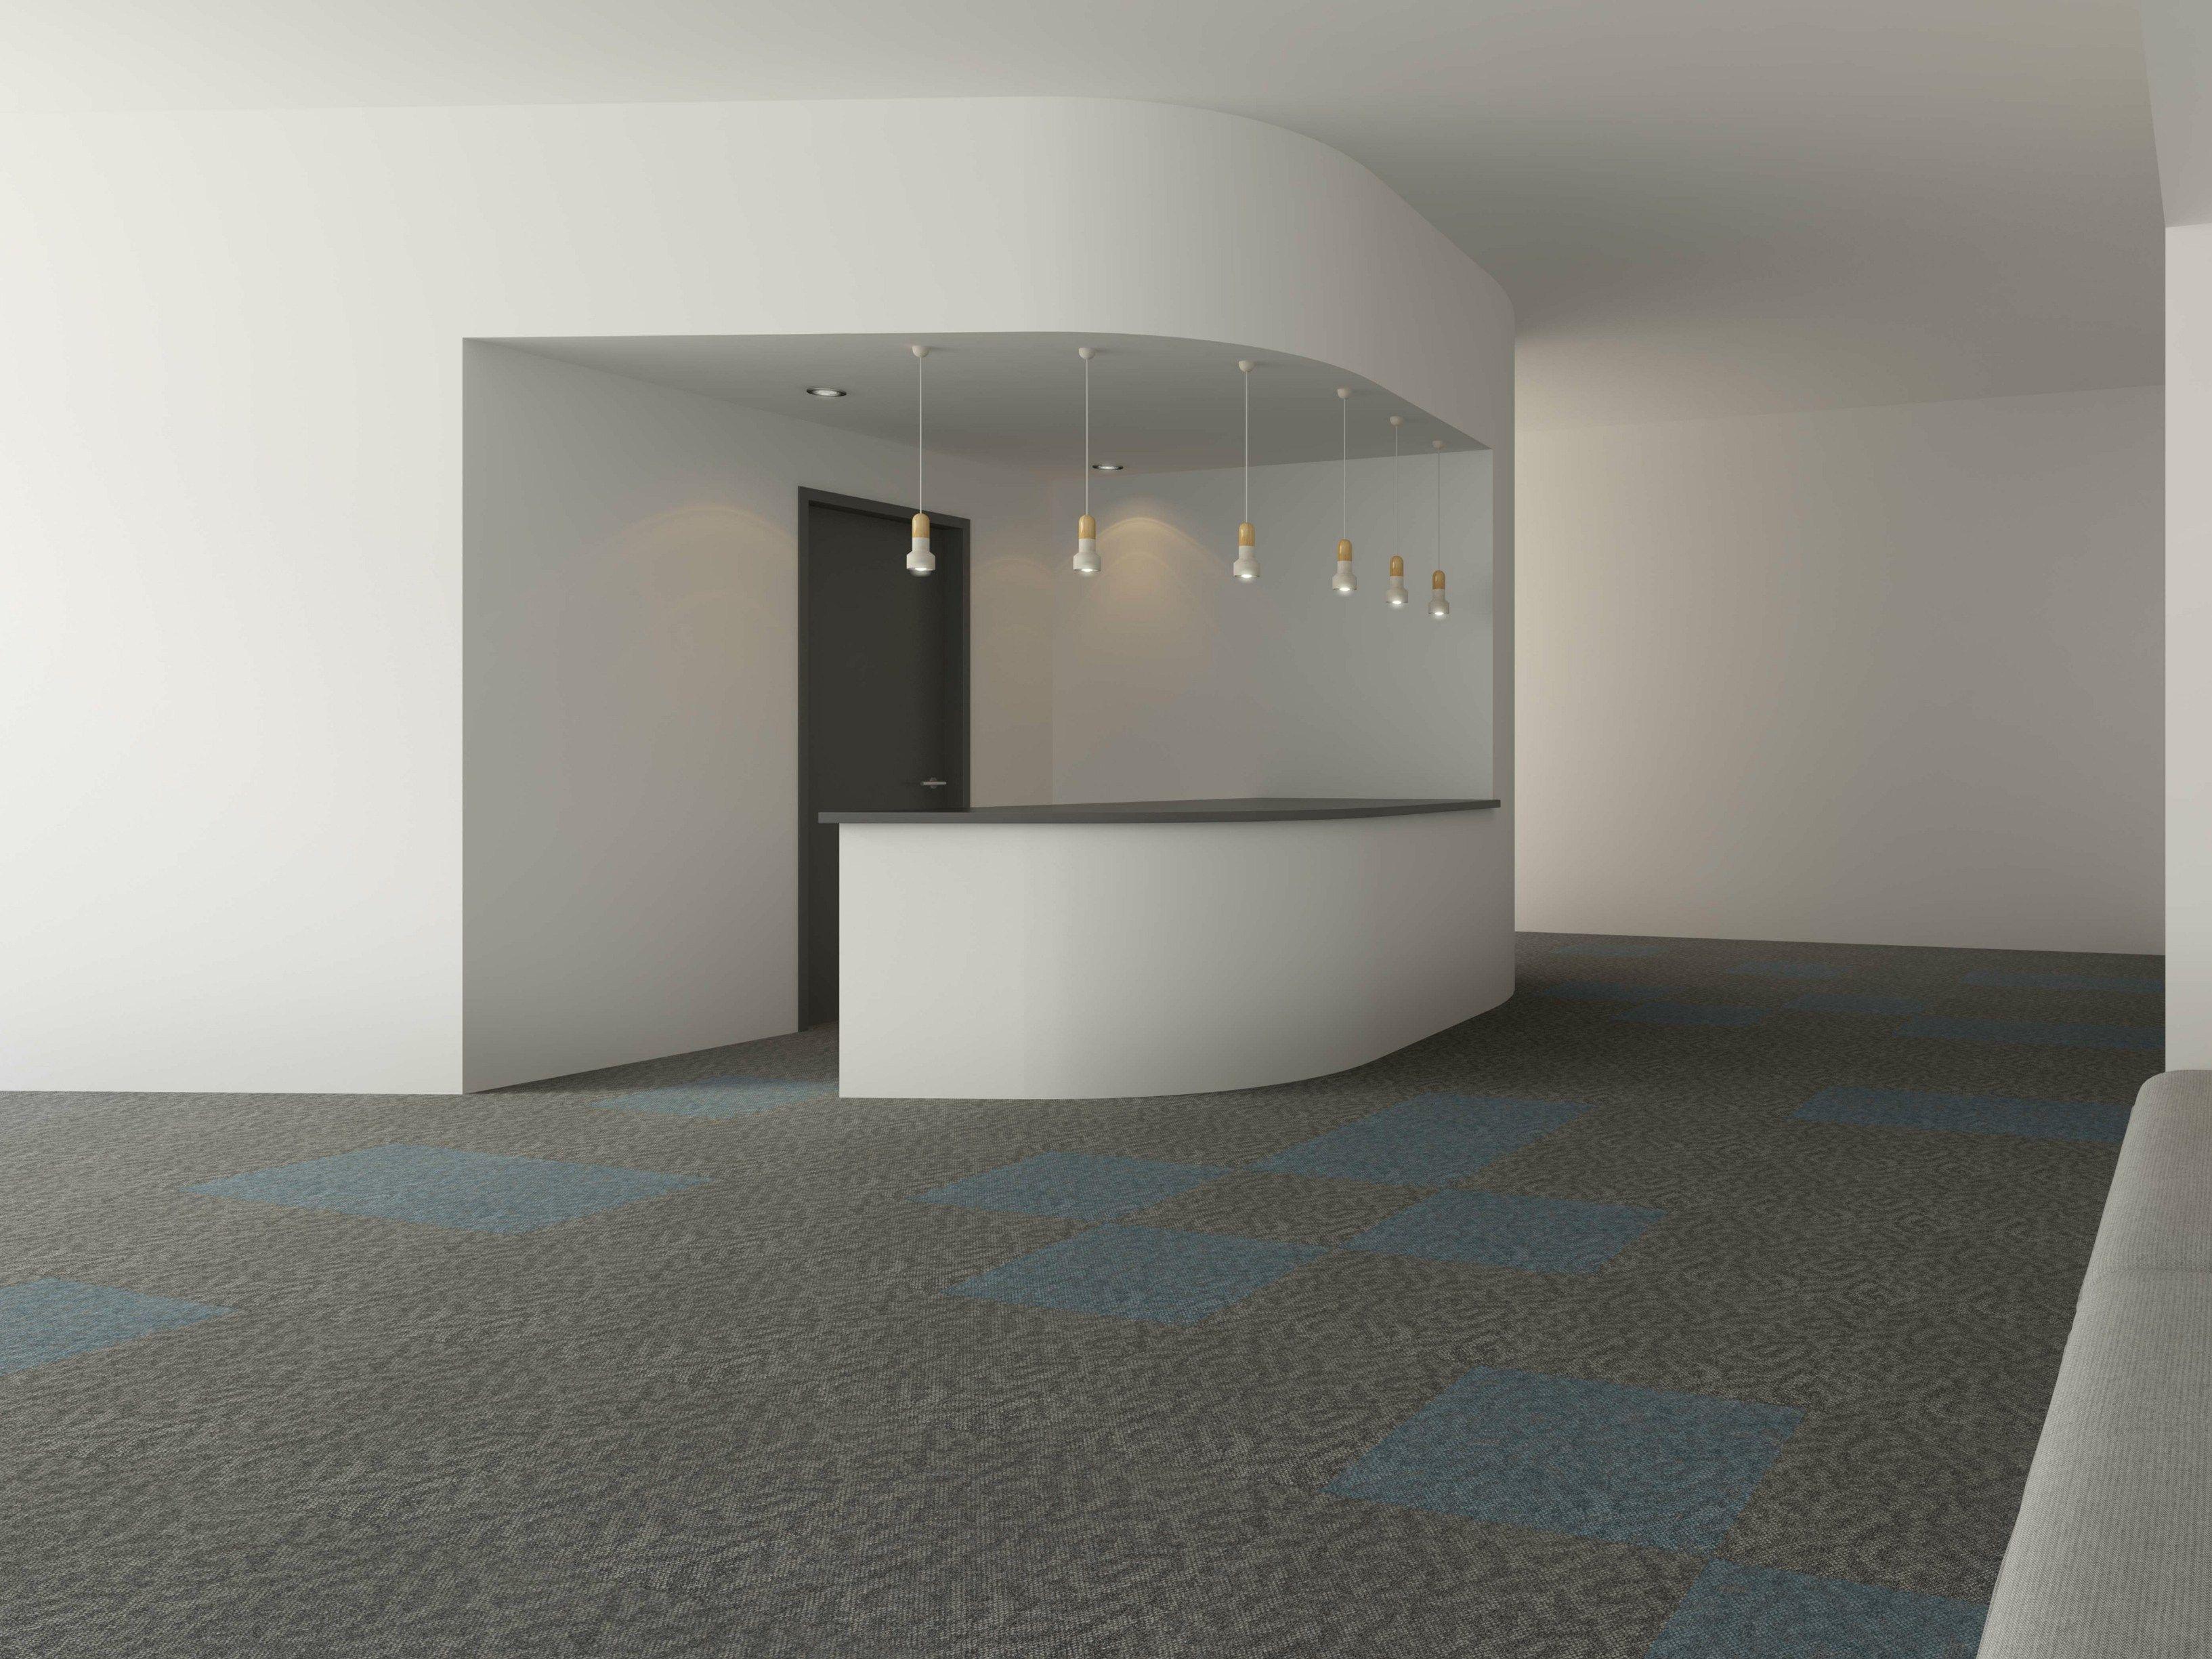 moquette a motivi geometrici parts by vorwerk co teppichwerke design werner aisslinger. Black Bedroom Furniture Sets. Home Design Ideas